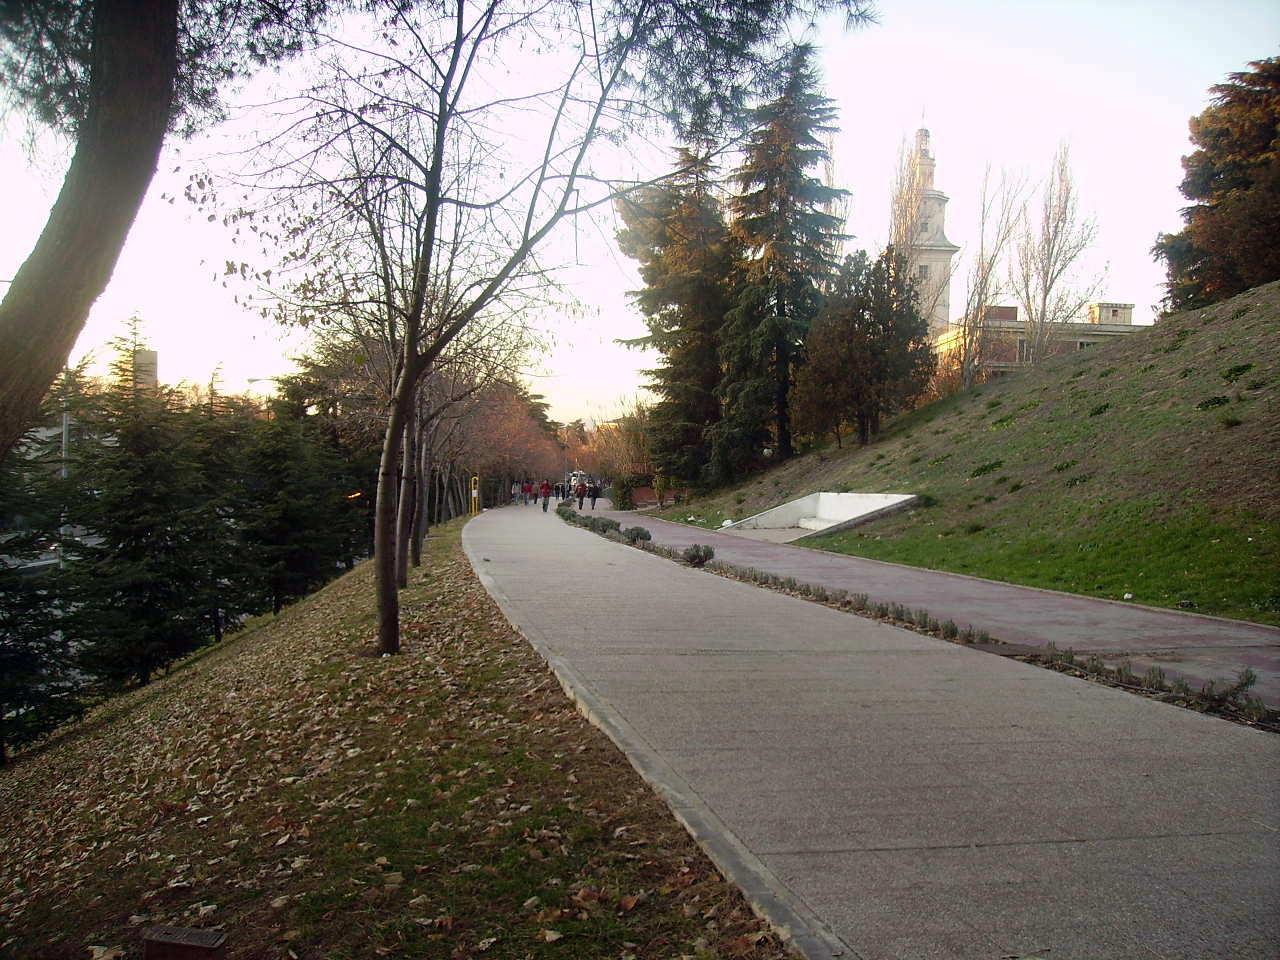 Ruta Verde de Ciudad Universitaria: El antiguo trazado del tranvía de Ciudad Universitaria.